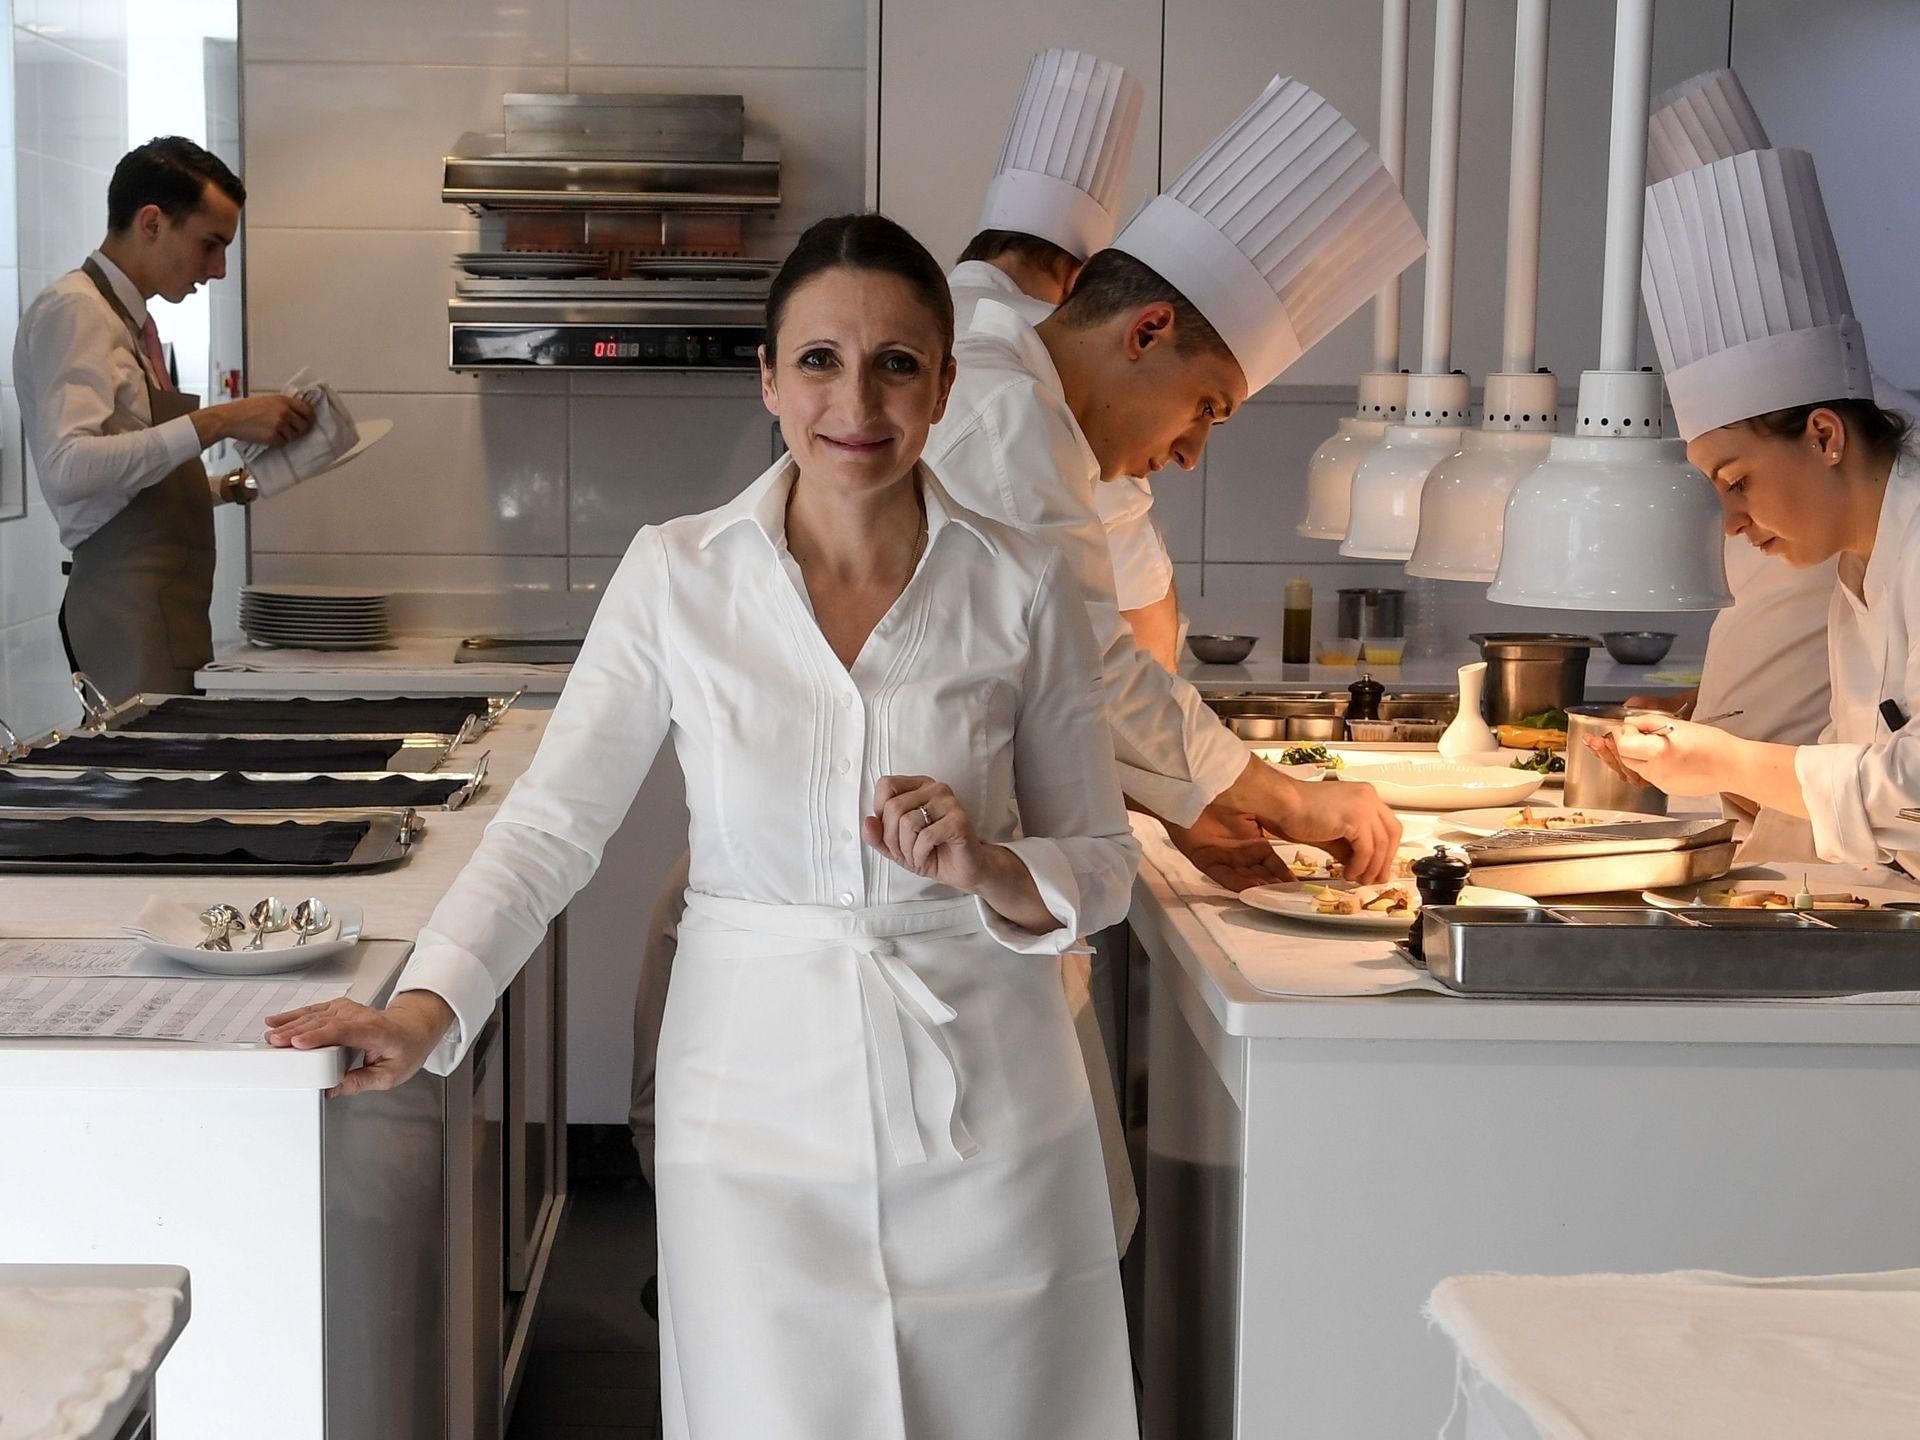 عکسهای زنان در محل کار به مناسبت روز جهانی زن